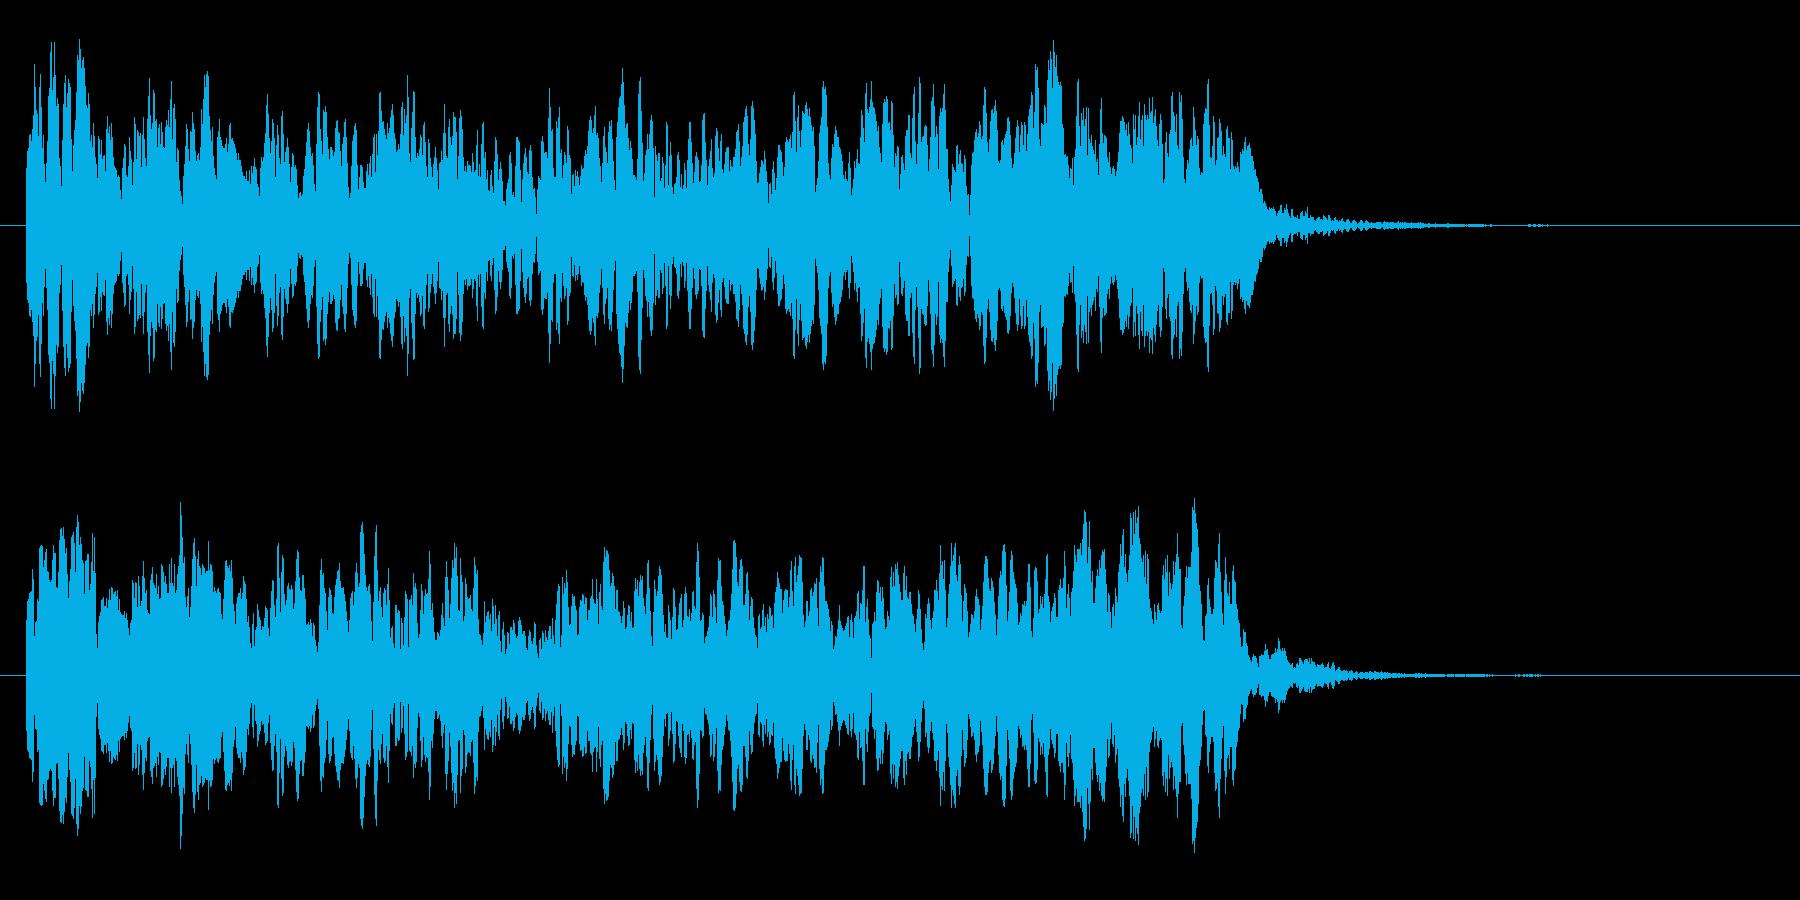 上昇効果音(ヒューン↑ヒラヒラ)の再生済みの波形